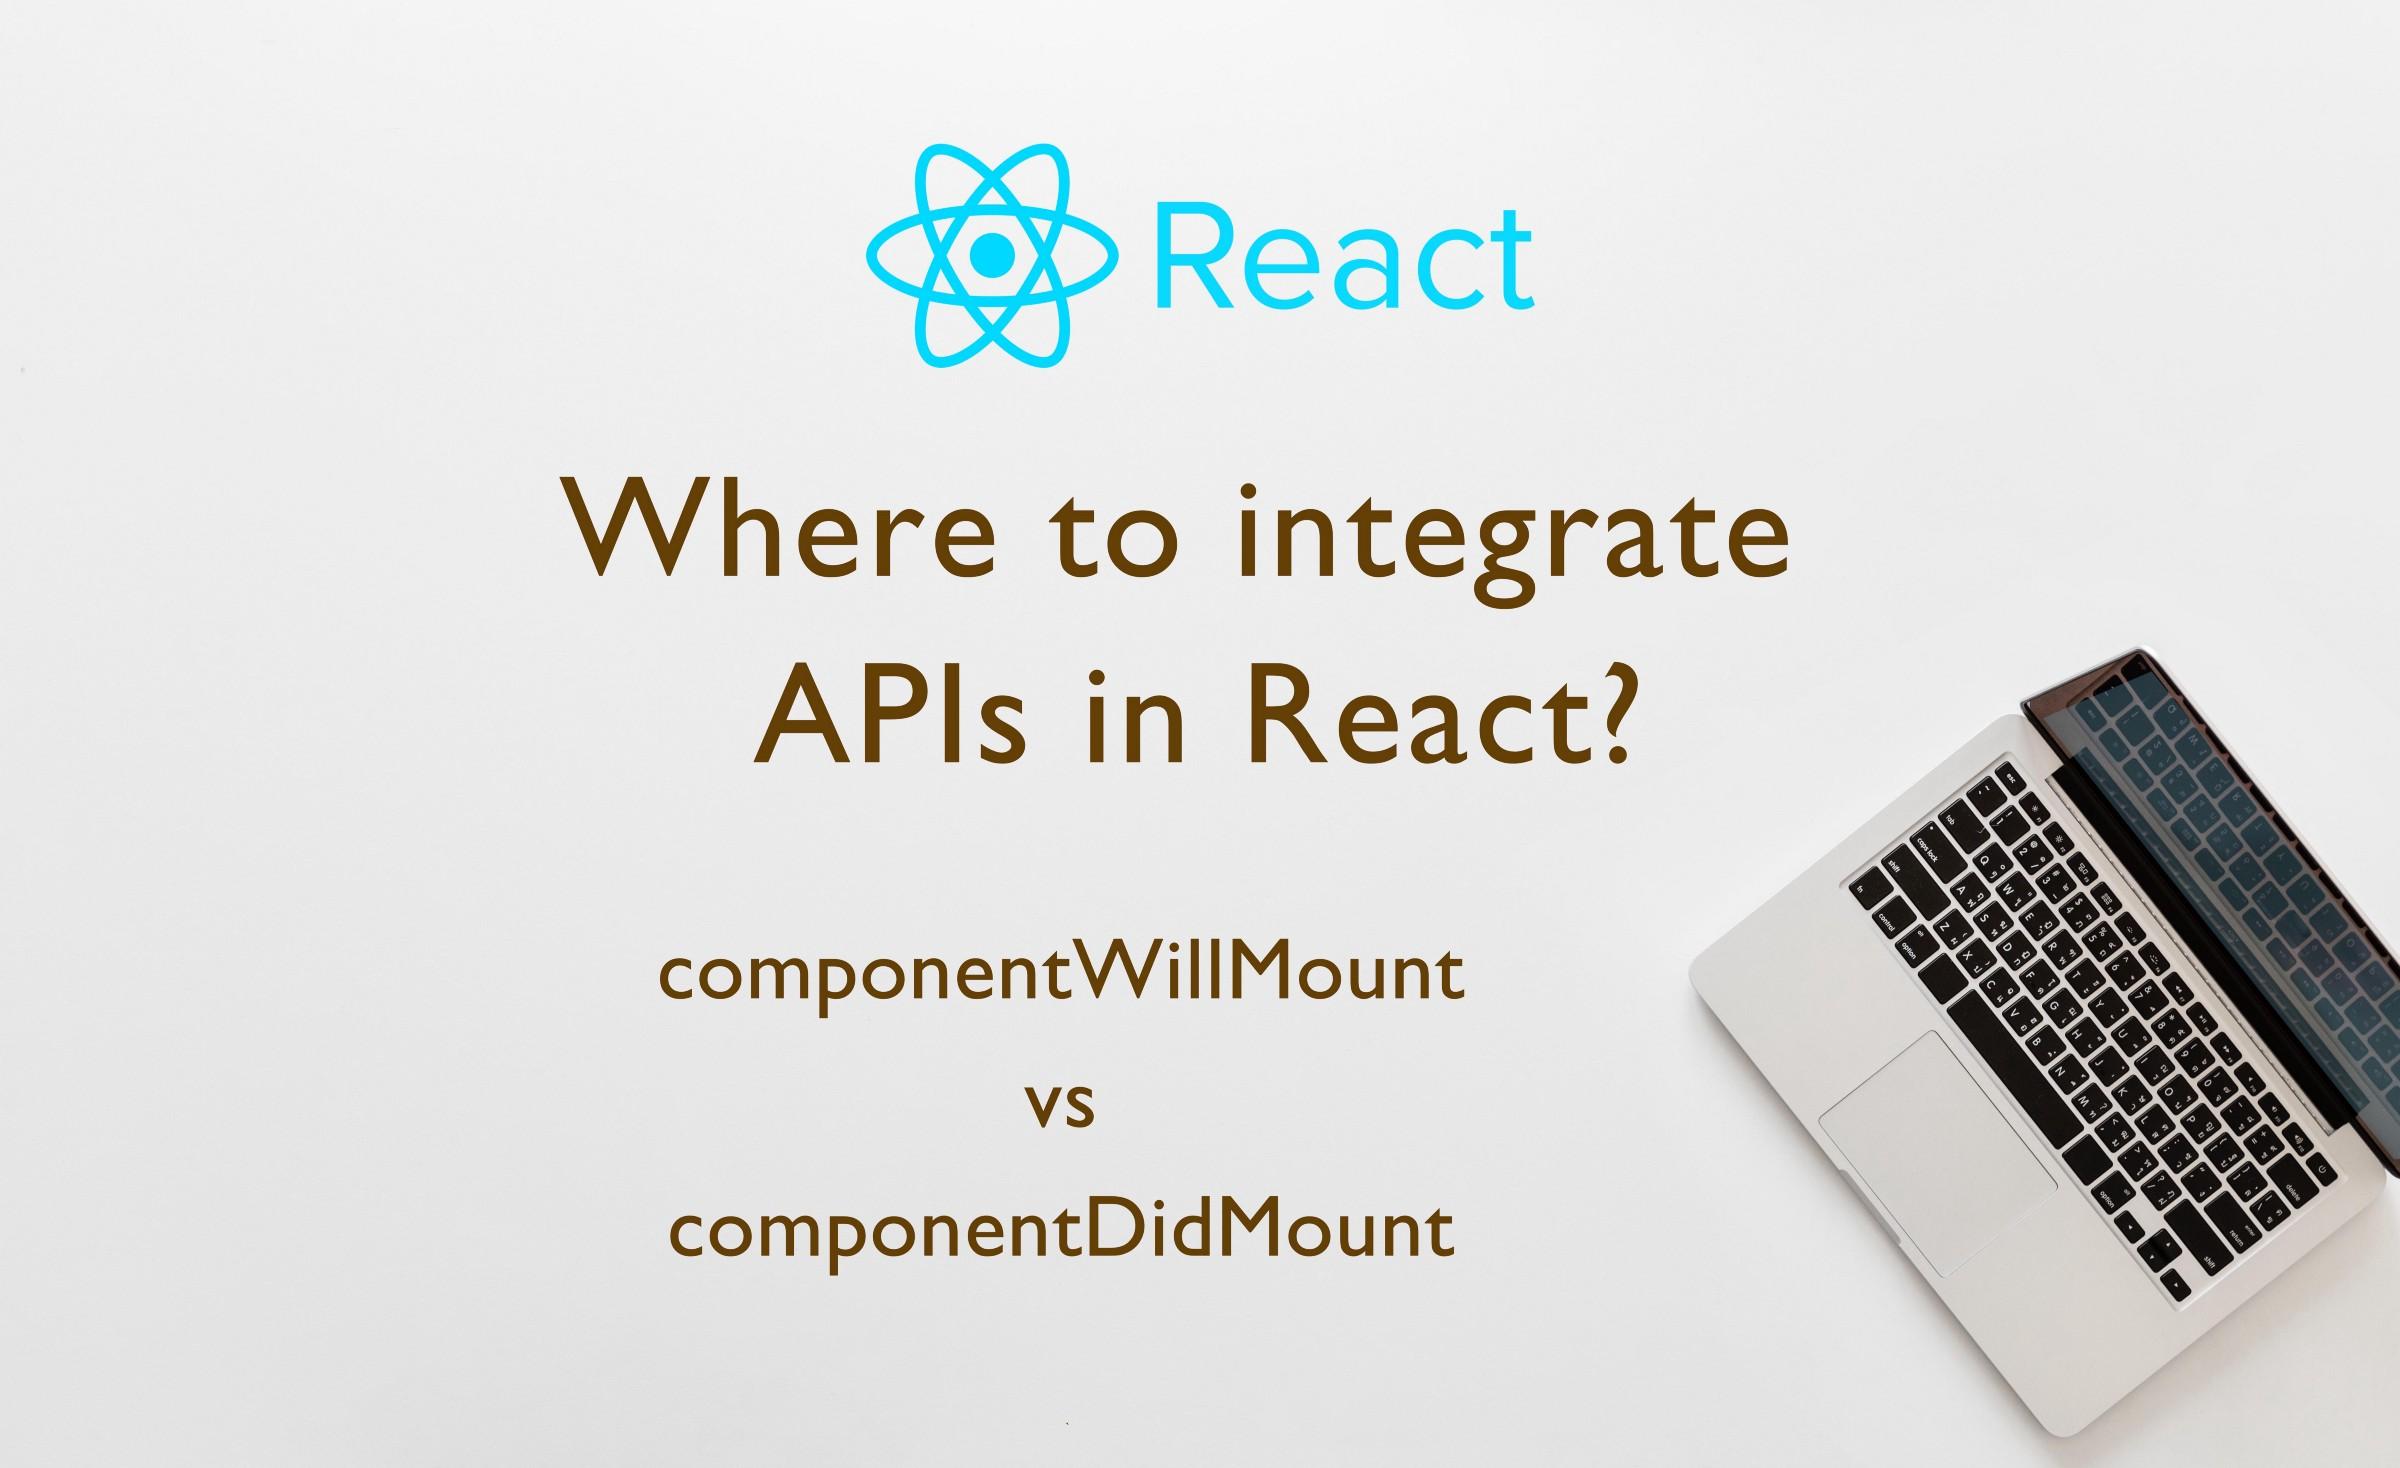 Where to integrate API calls in ReactJs? — componentWillMount vs